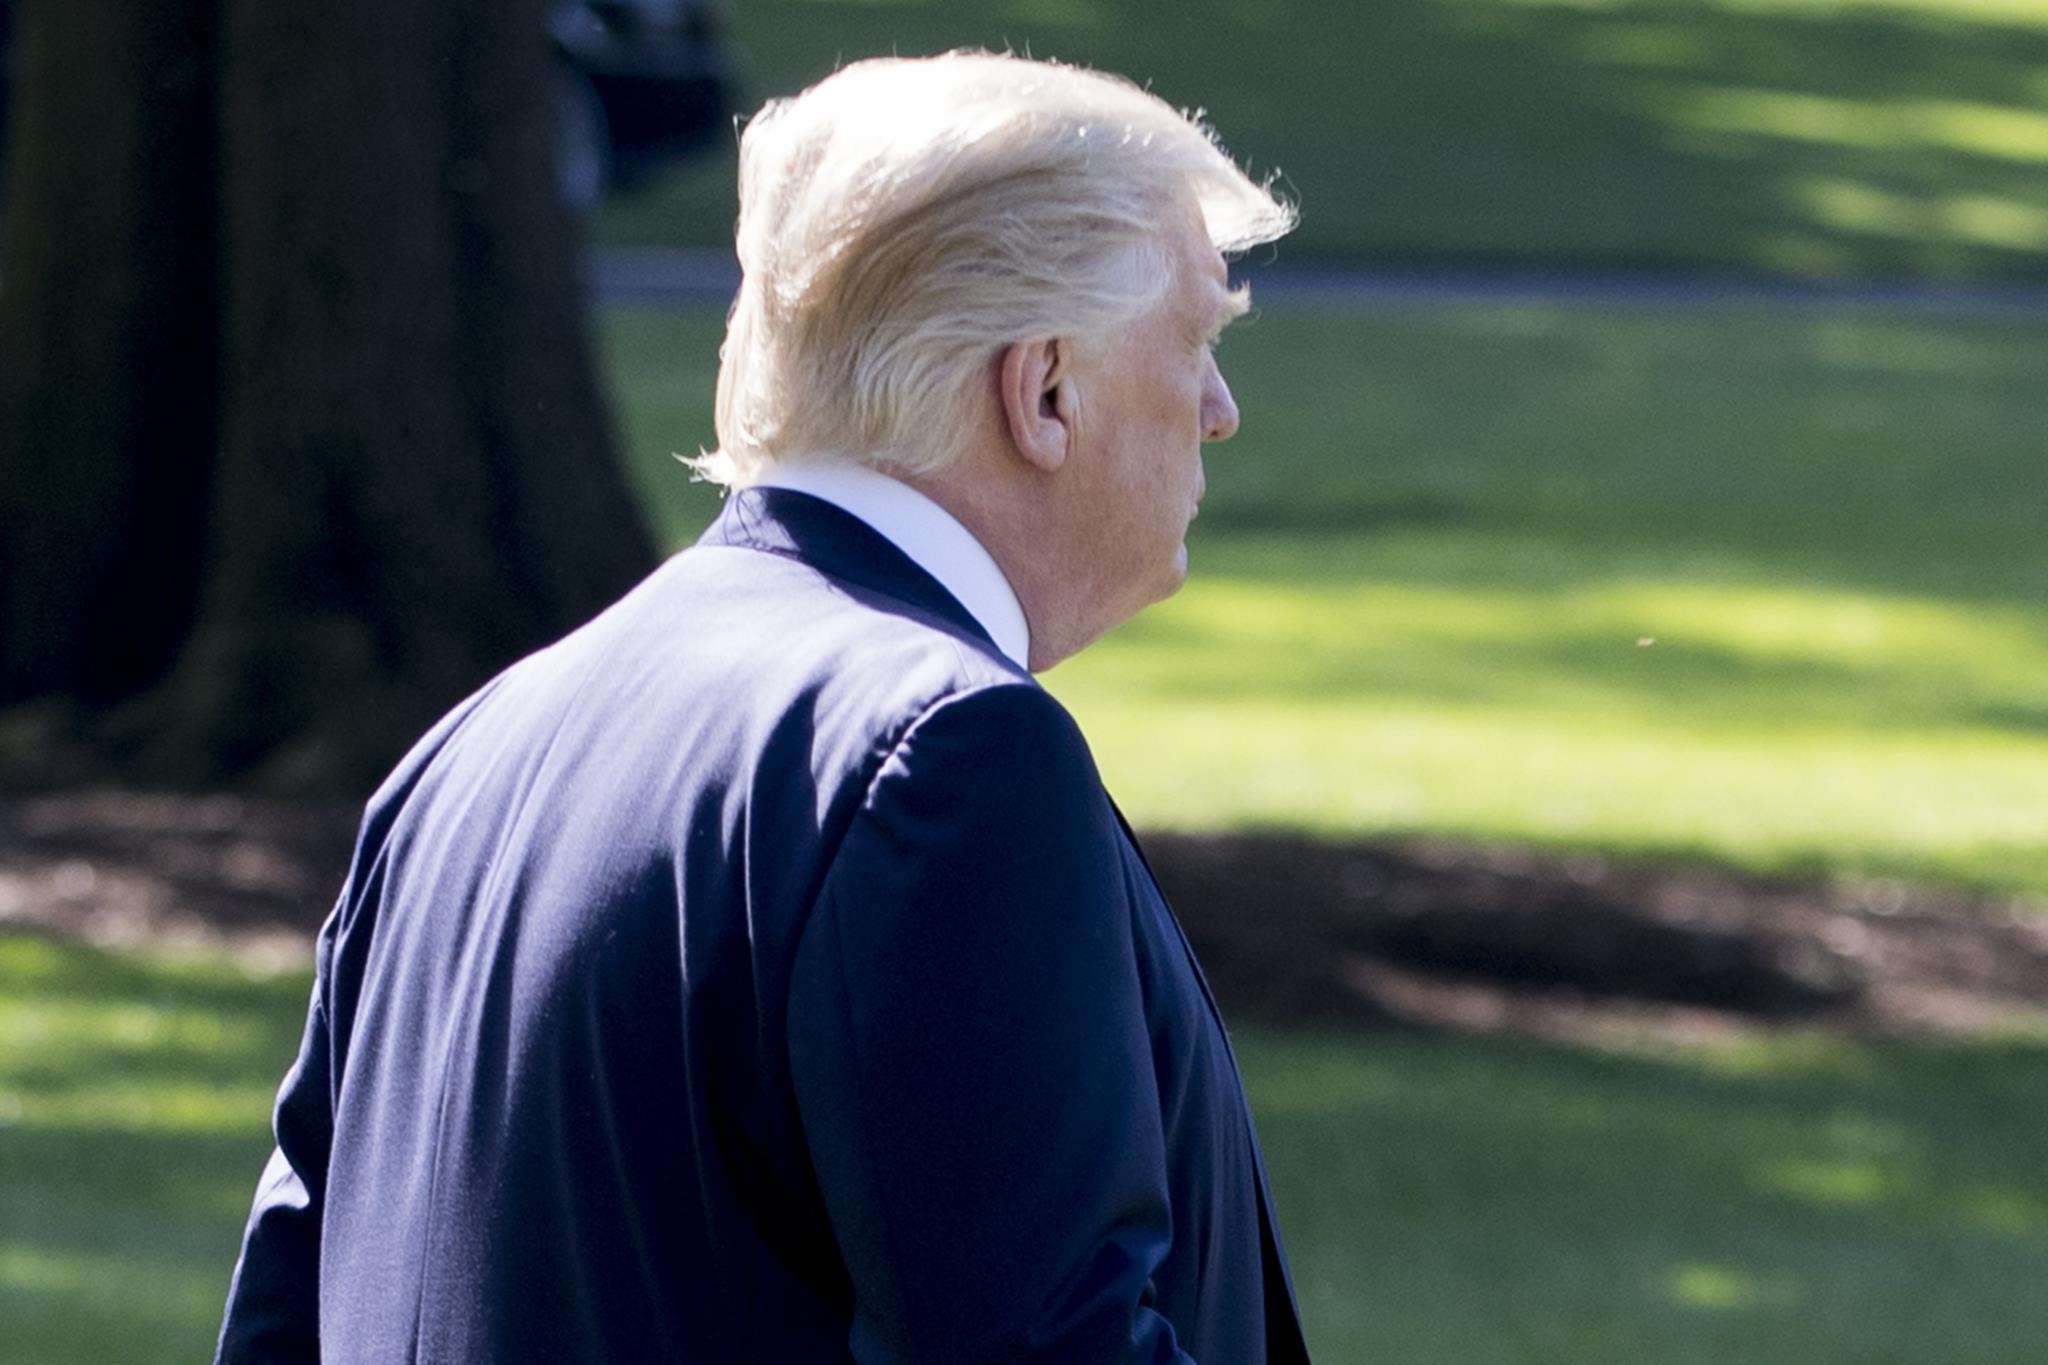 PÚBLICO - Trump quer passar entre as gotas da chuva mas as suspeitas estão a formar um furacão